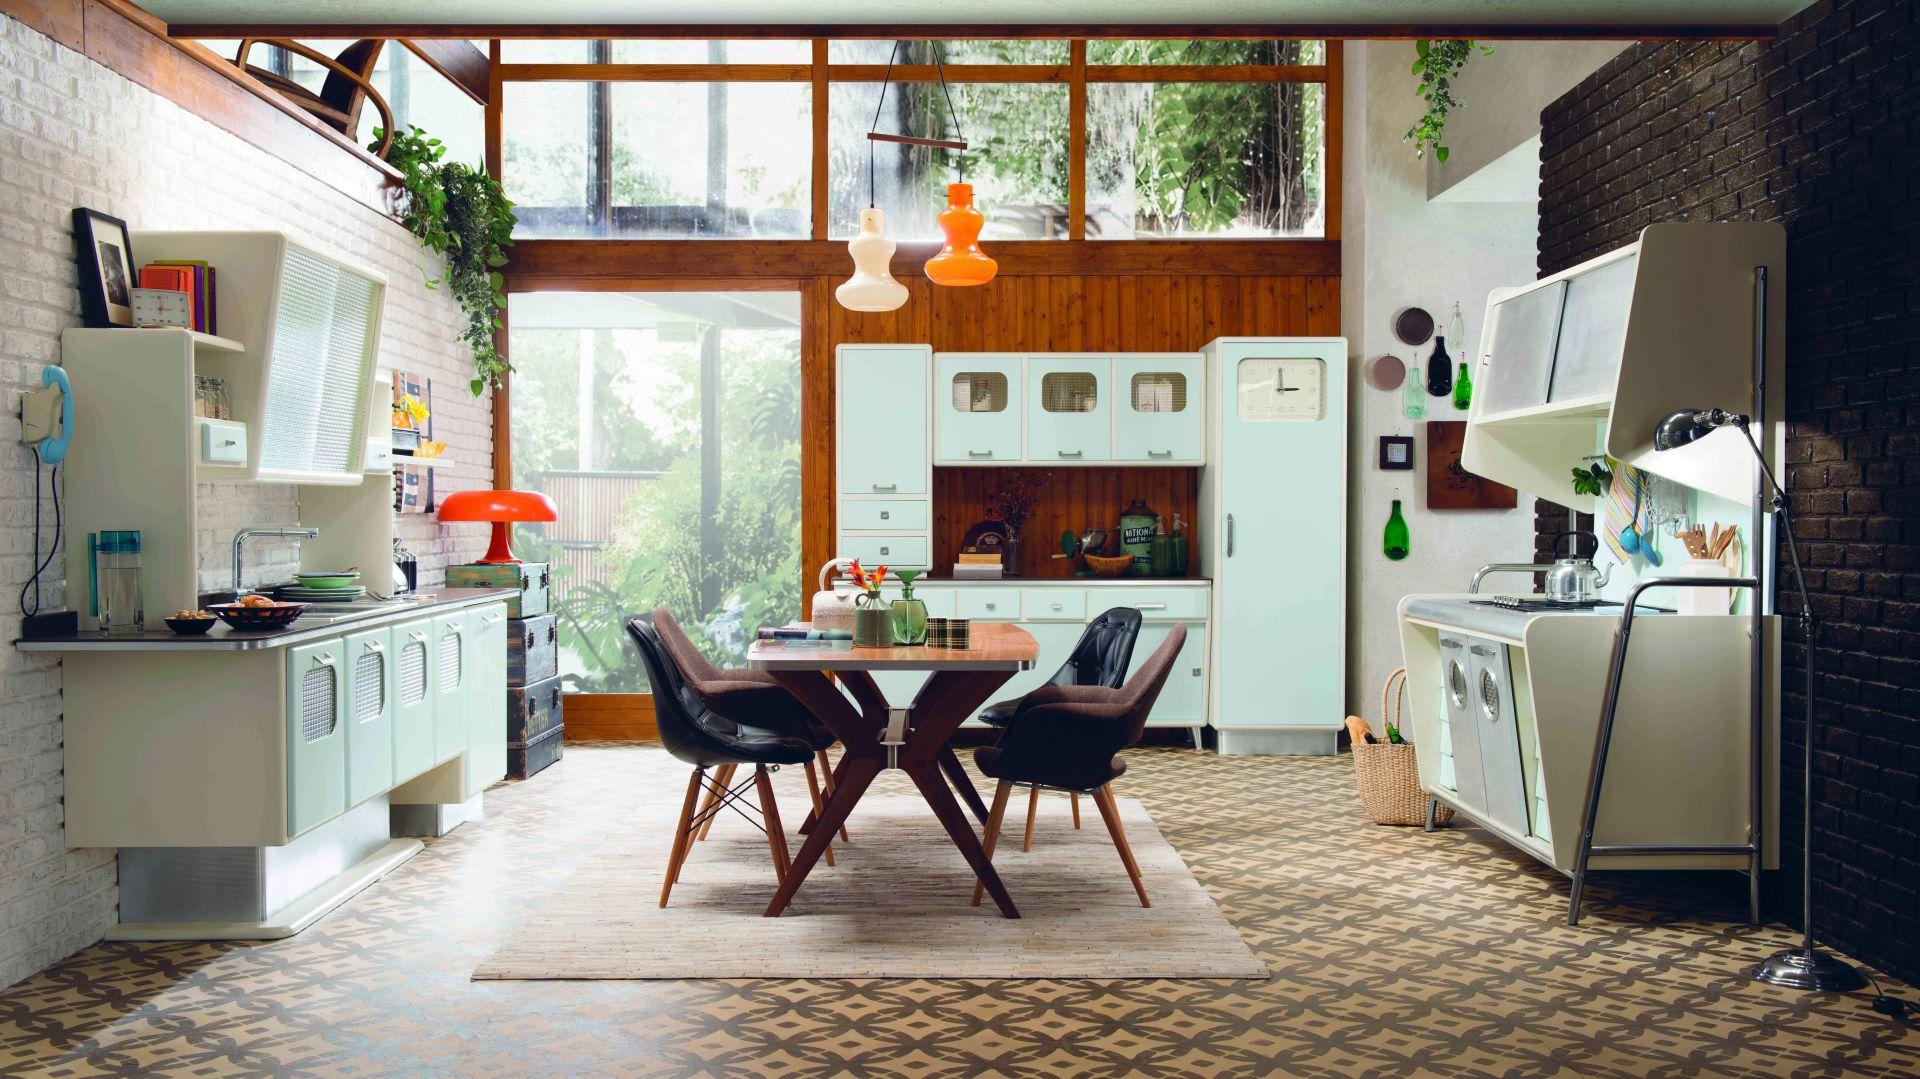 Kuchnia Saint Louis nawiązuję do kreacji przestrzeni kuchennych z lat 50. ub.w. Fot. Marchi Cucine